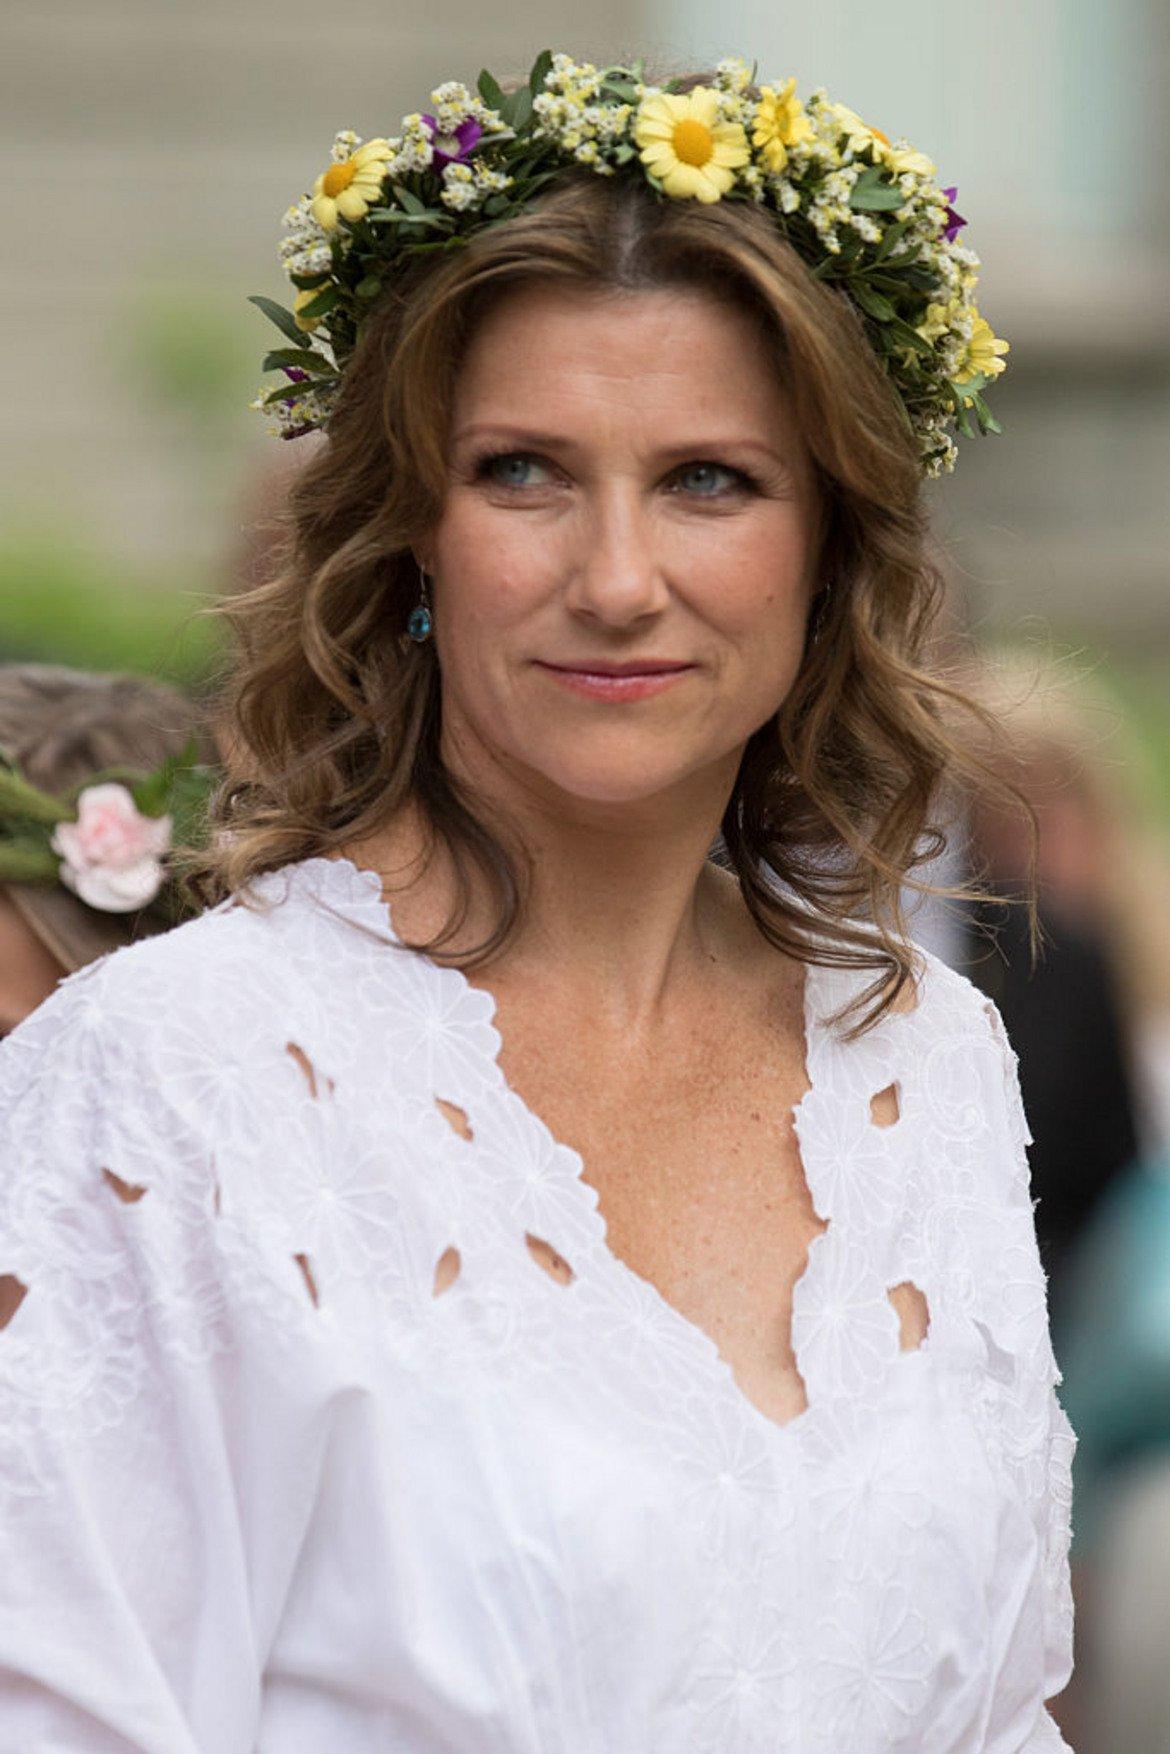 Принцеса Марта Луизе   В Норвегия принцеса Марта Луизе - най-голямото дете на крал Харалд V - се отказа от статута си на кралско височество, след като се омъжи през 2002 г. Като причина за това е посочен стремежът й да се съсредоточи върху личната си кариера.